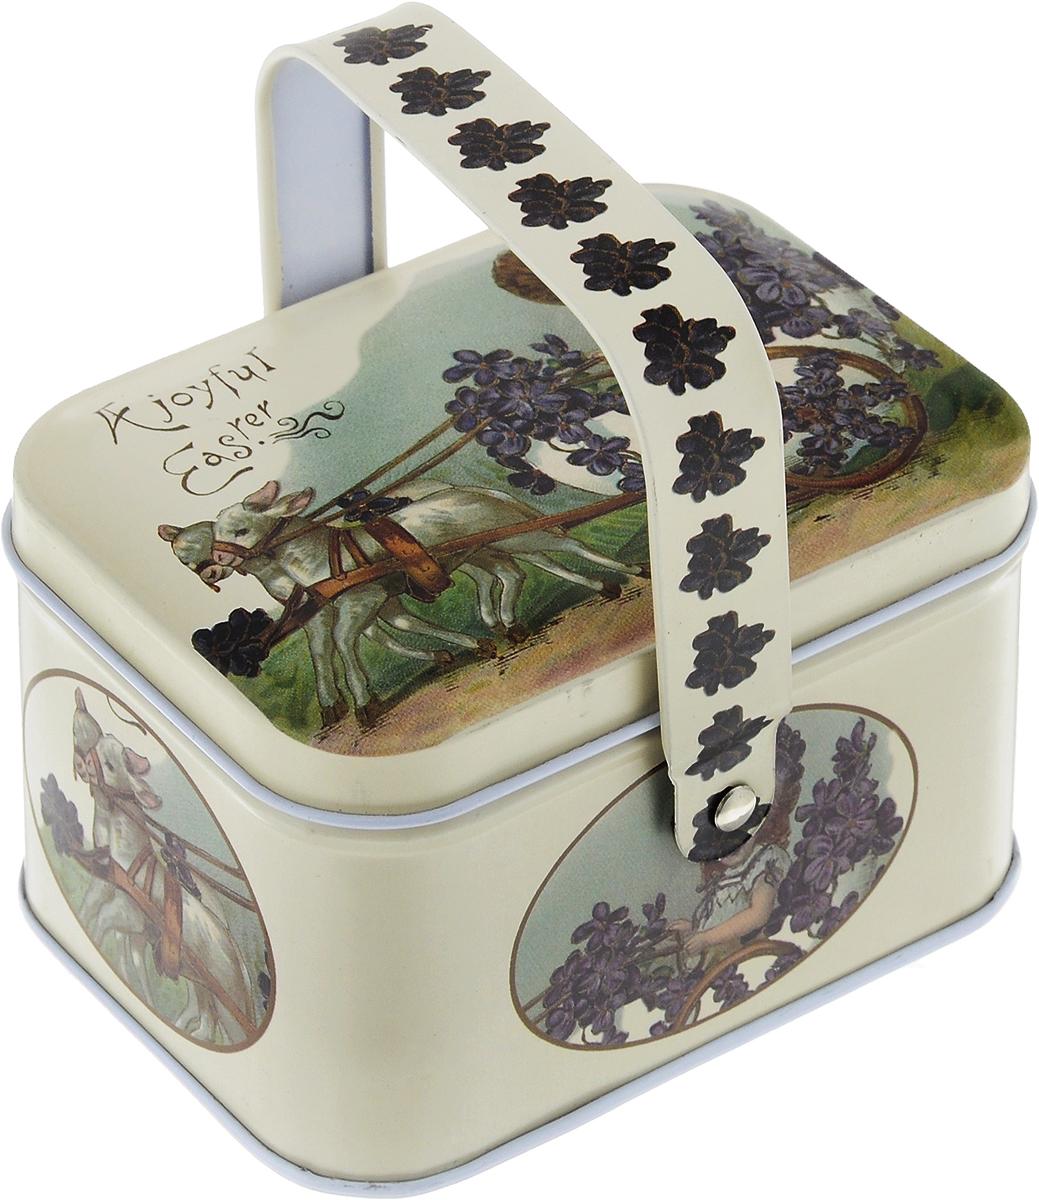 Коробка для хранения мелочей Hobby & Pro, 10,5 х 8 х 6 см. 7712767/941006 ручки для сумок hobby